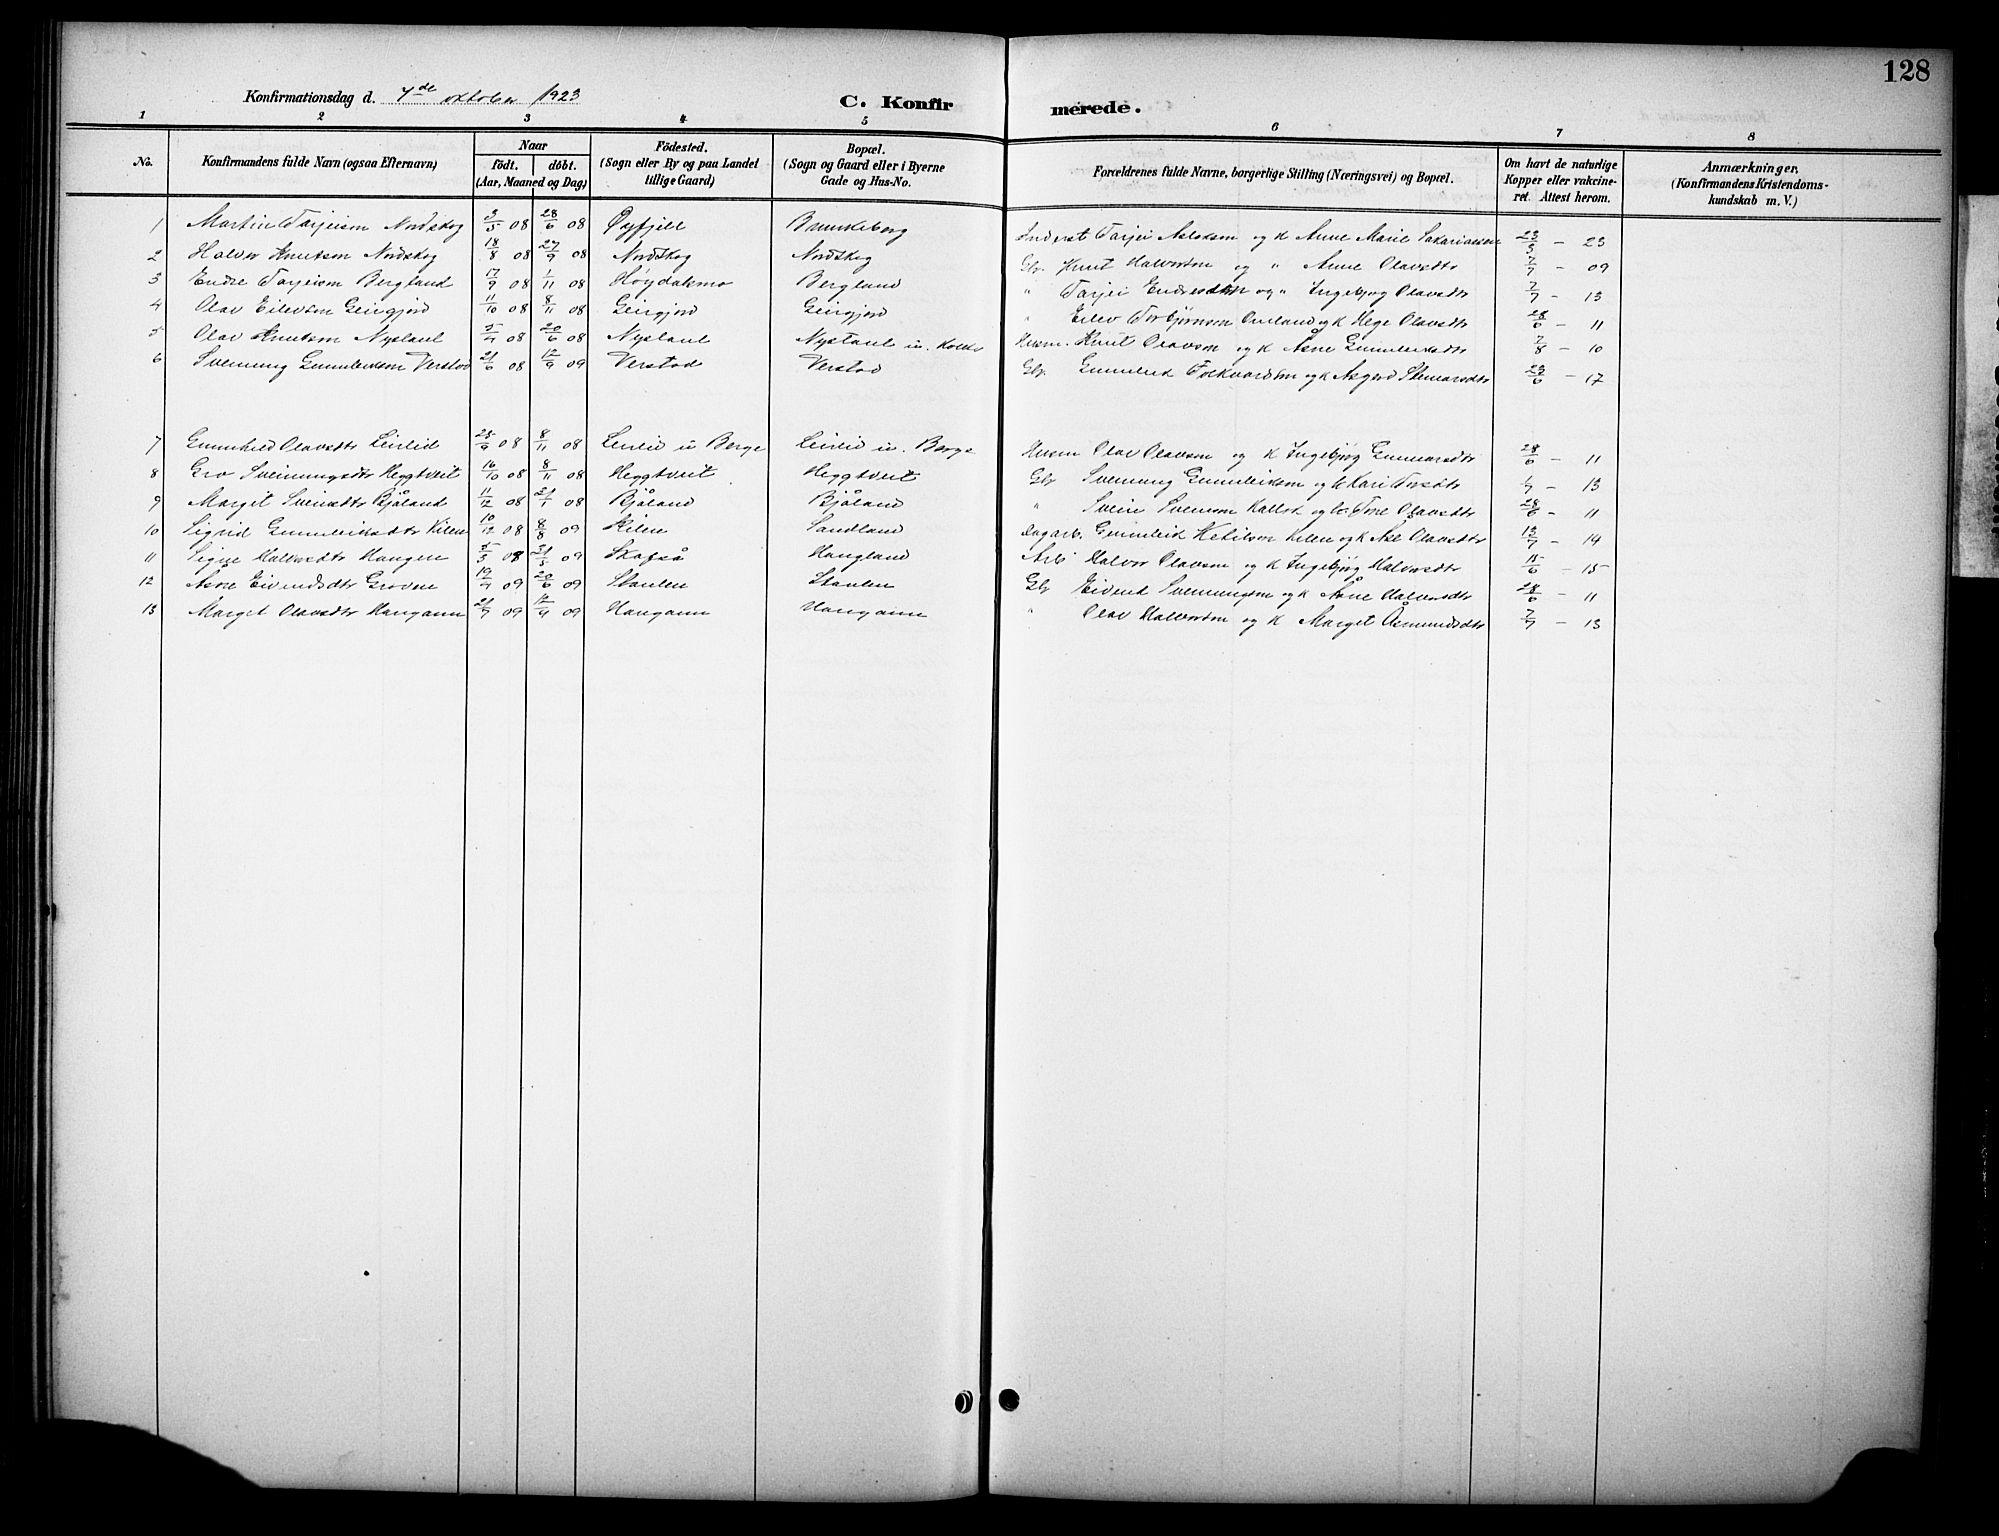 SAKO, Kviteseid kirkebøker, G/Gb/L0003: Klokkerbok nr. II 3, 1893-1933, s. 128